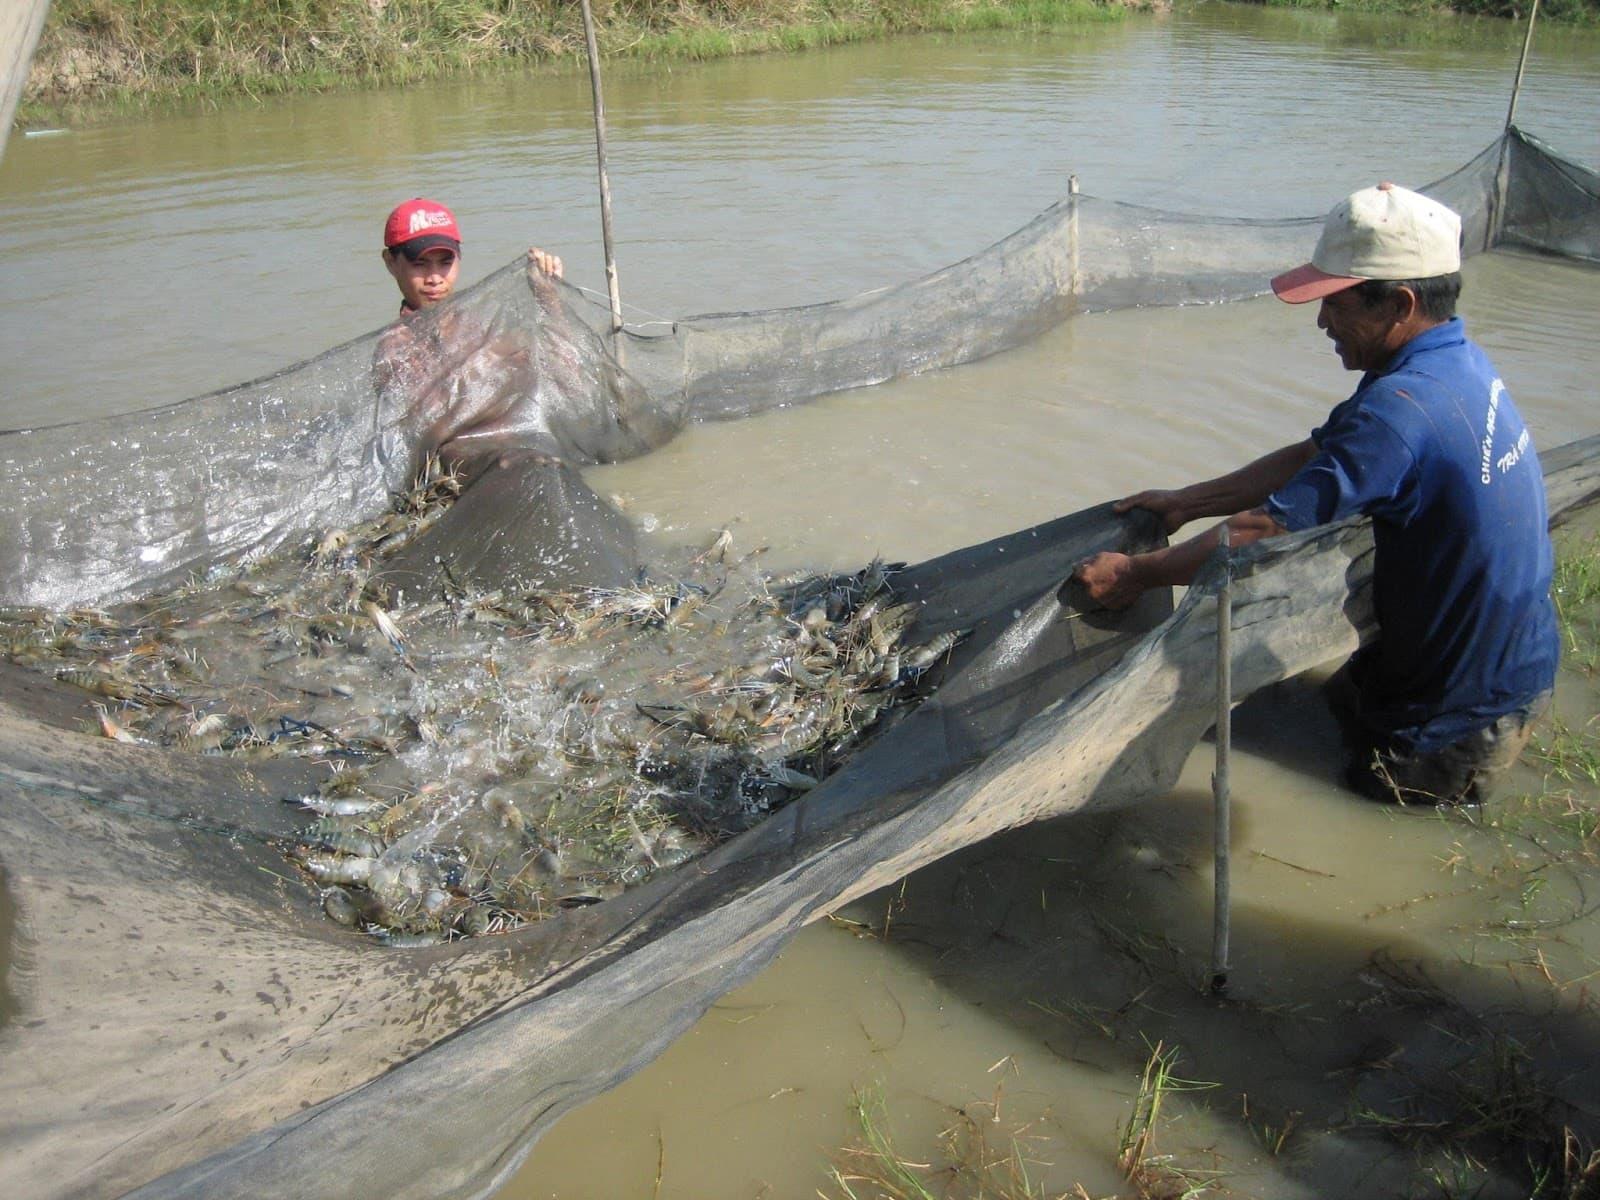 Kỹ thuật nuôi ghép cá Rô phi với tôm Chân trắng Nam Mỹ